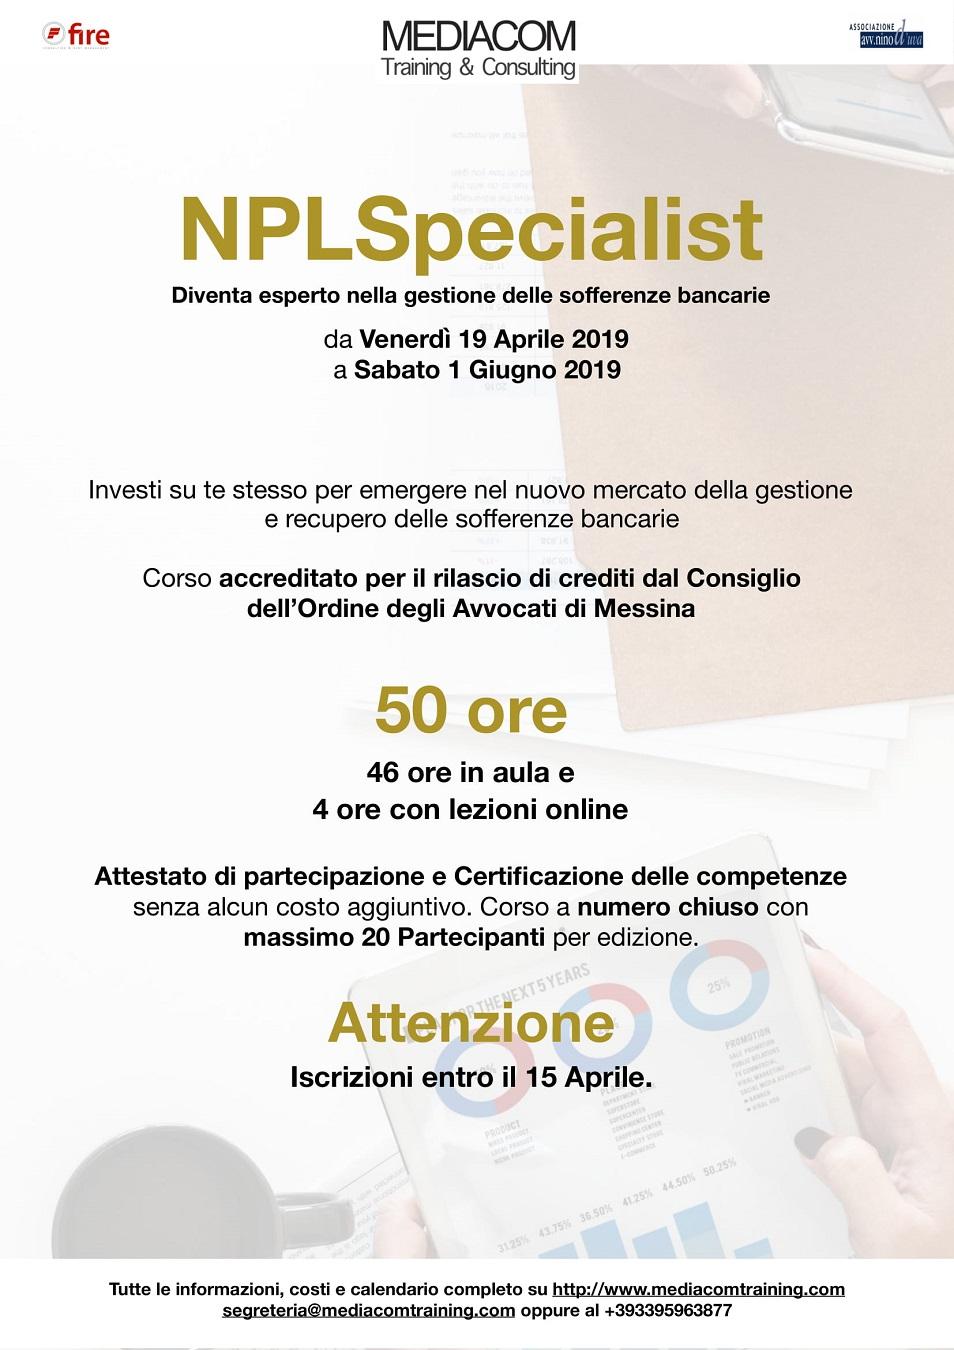 NPLSpecialist